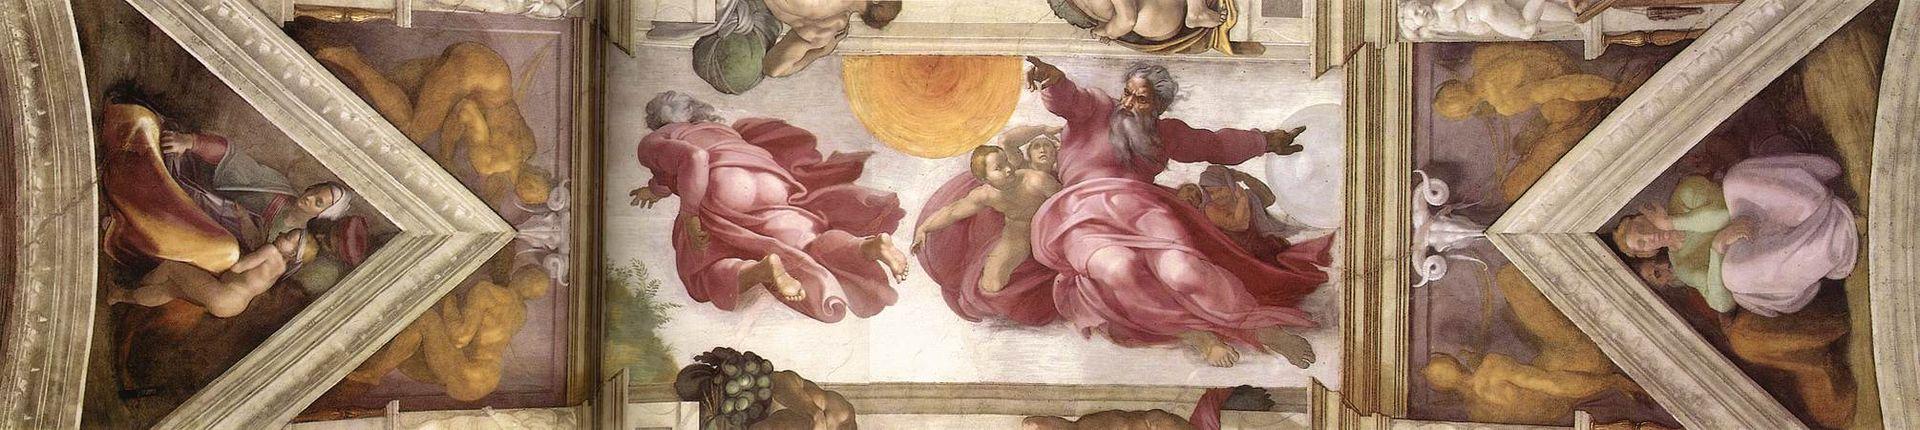 Gud skapar solen, månen och jorden